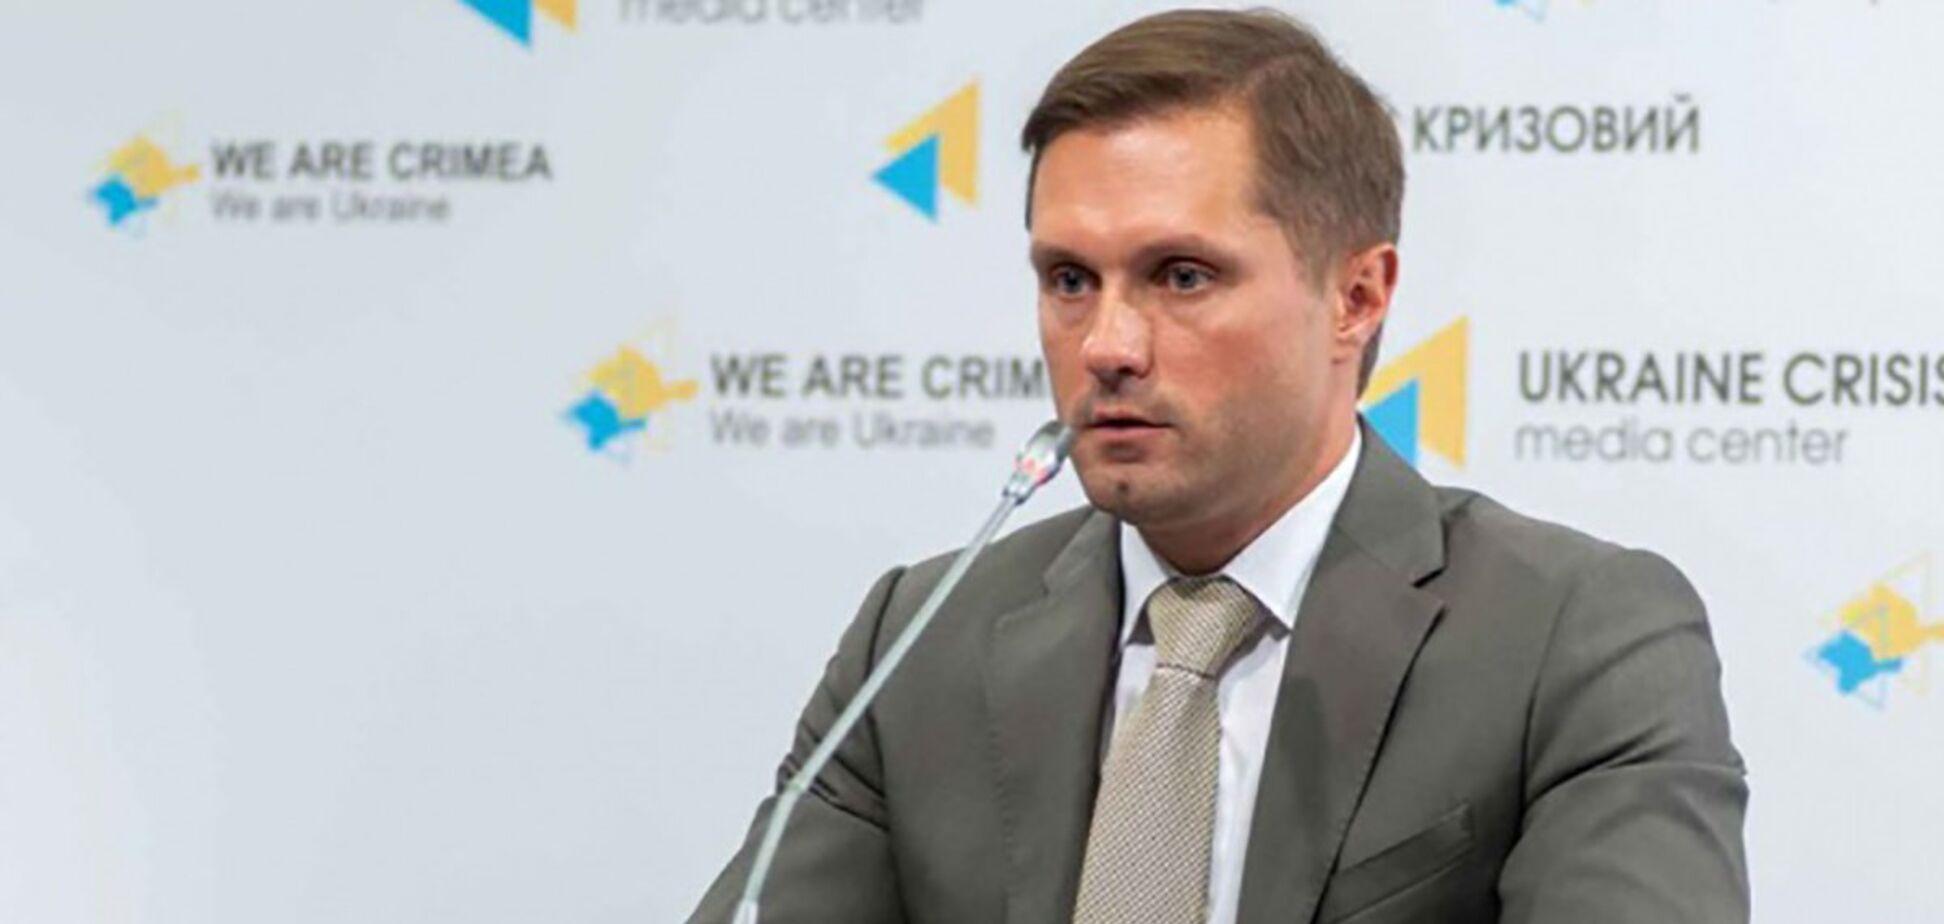 Главу АМКУ Терентьева заставили уйти в отставку: СМИ подали противоречивую информацию